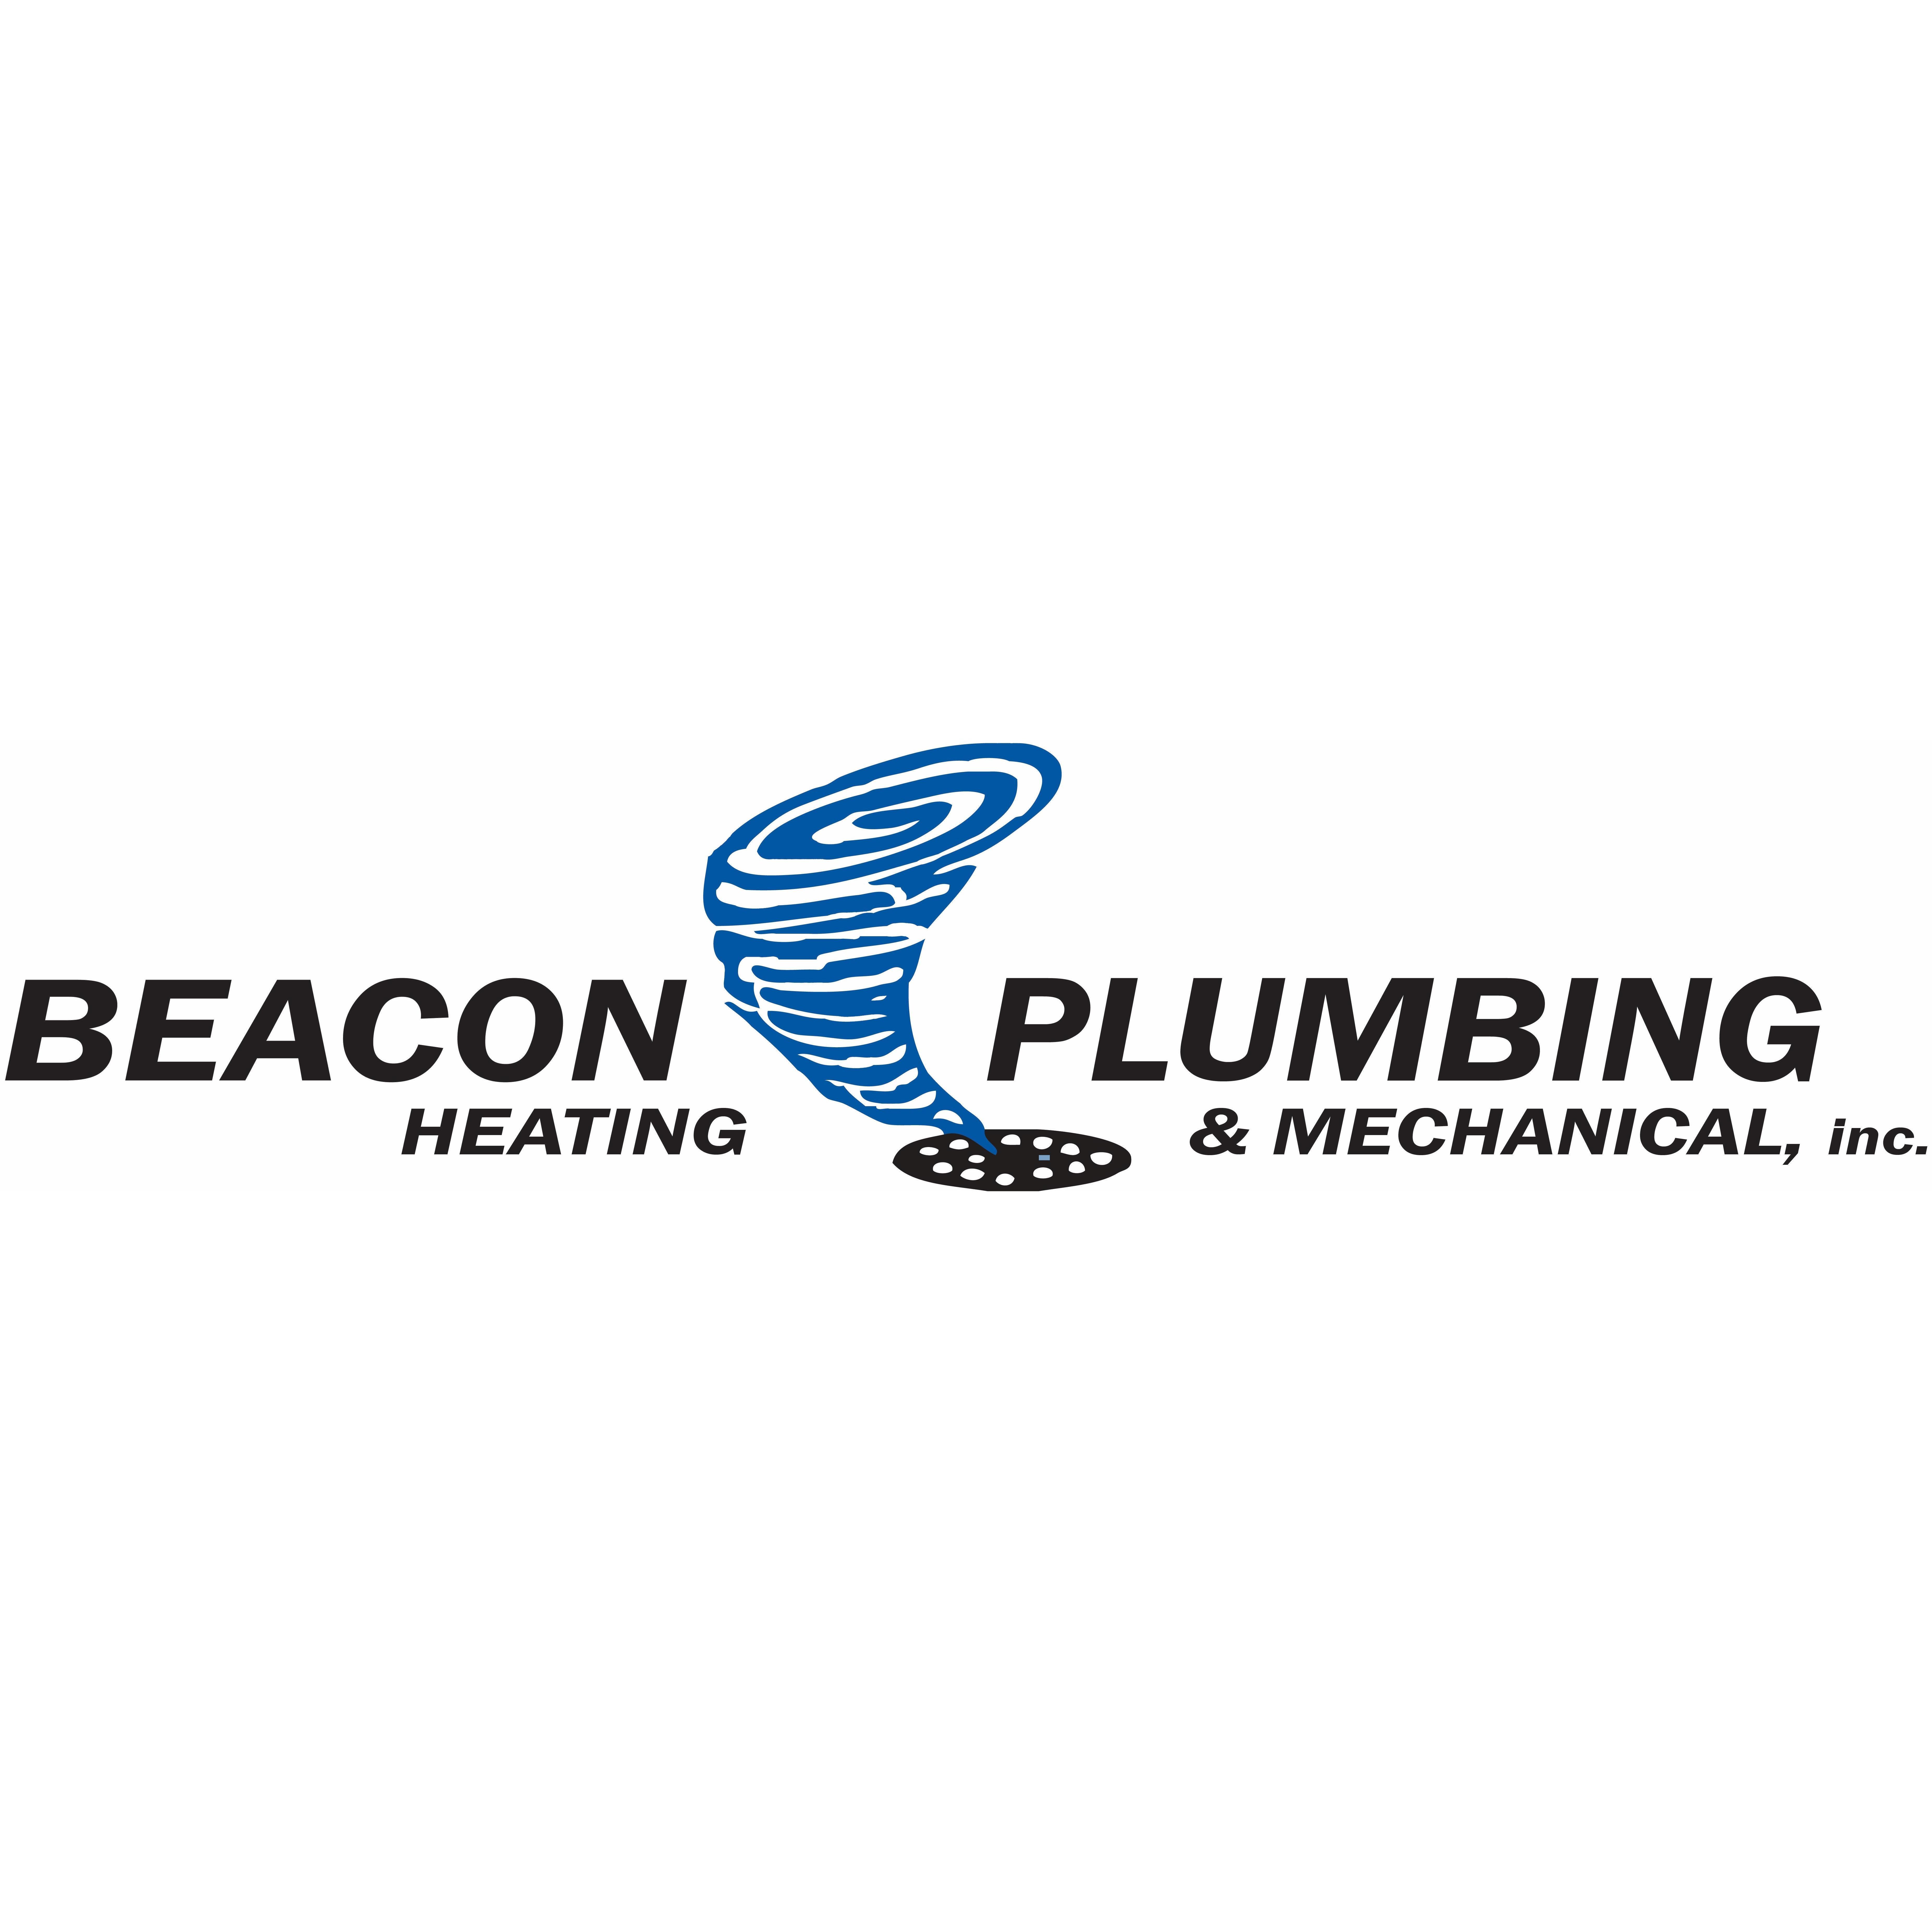 Beacon Plumbing Heating & Mechanical image 1